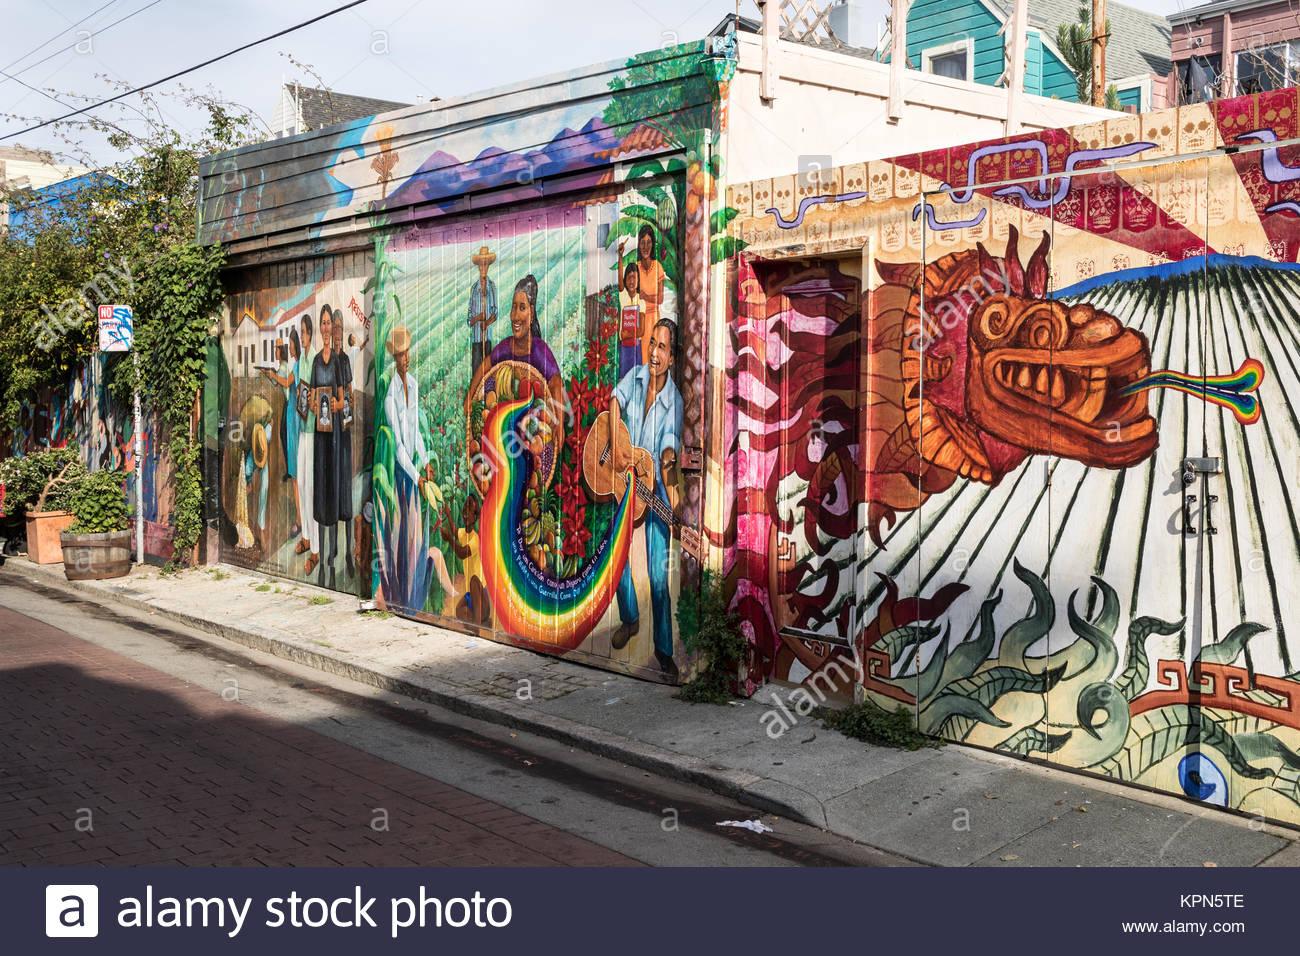 San francisco murals stock photos san francisco murals for California mural